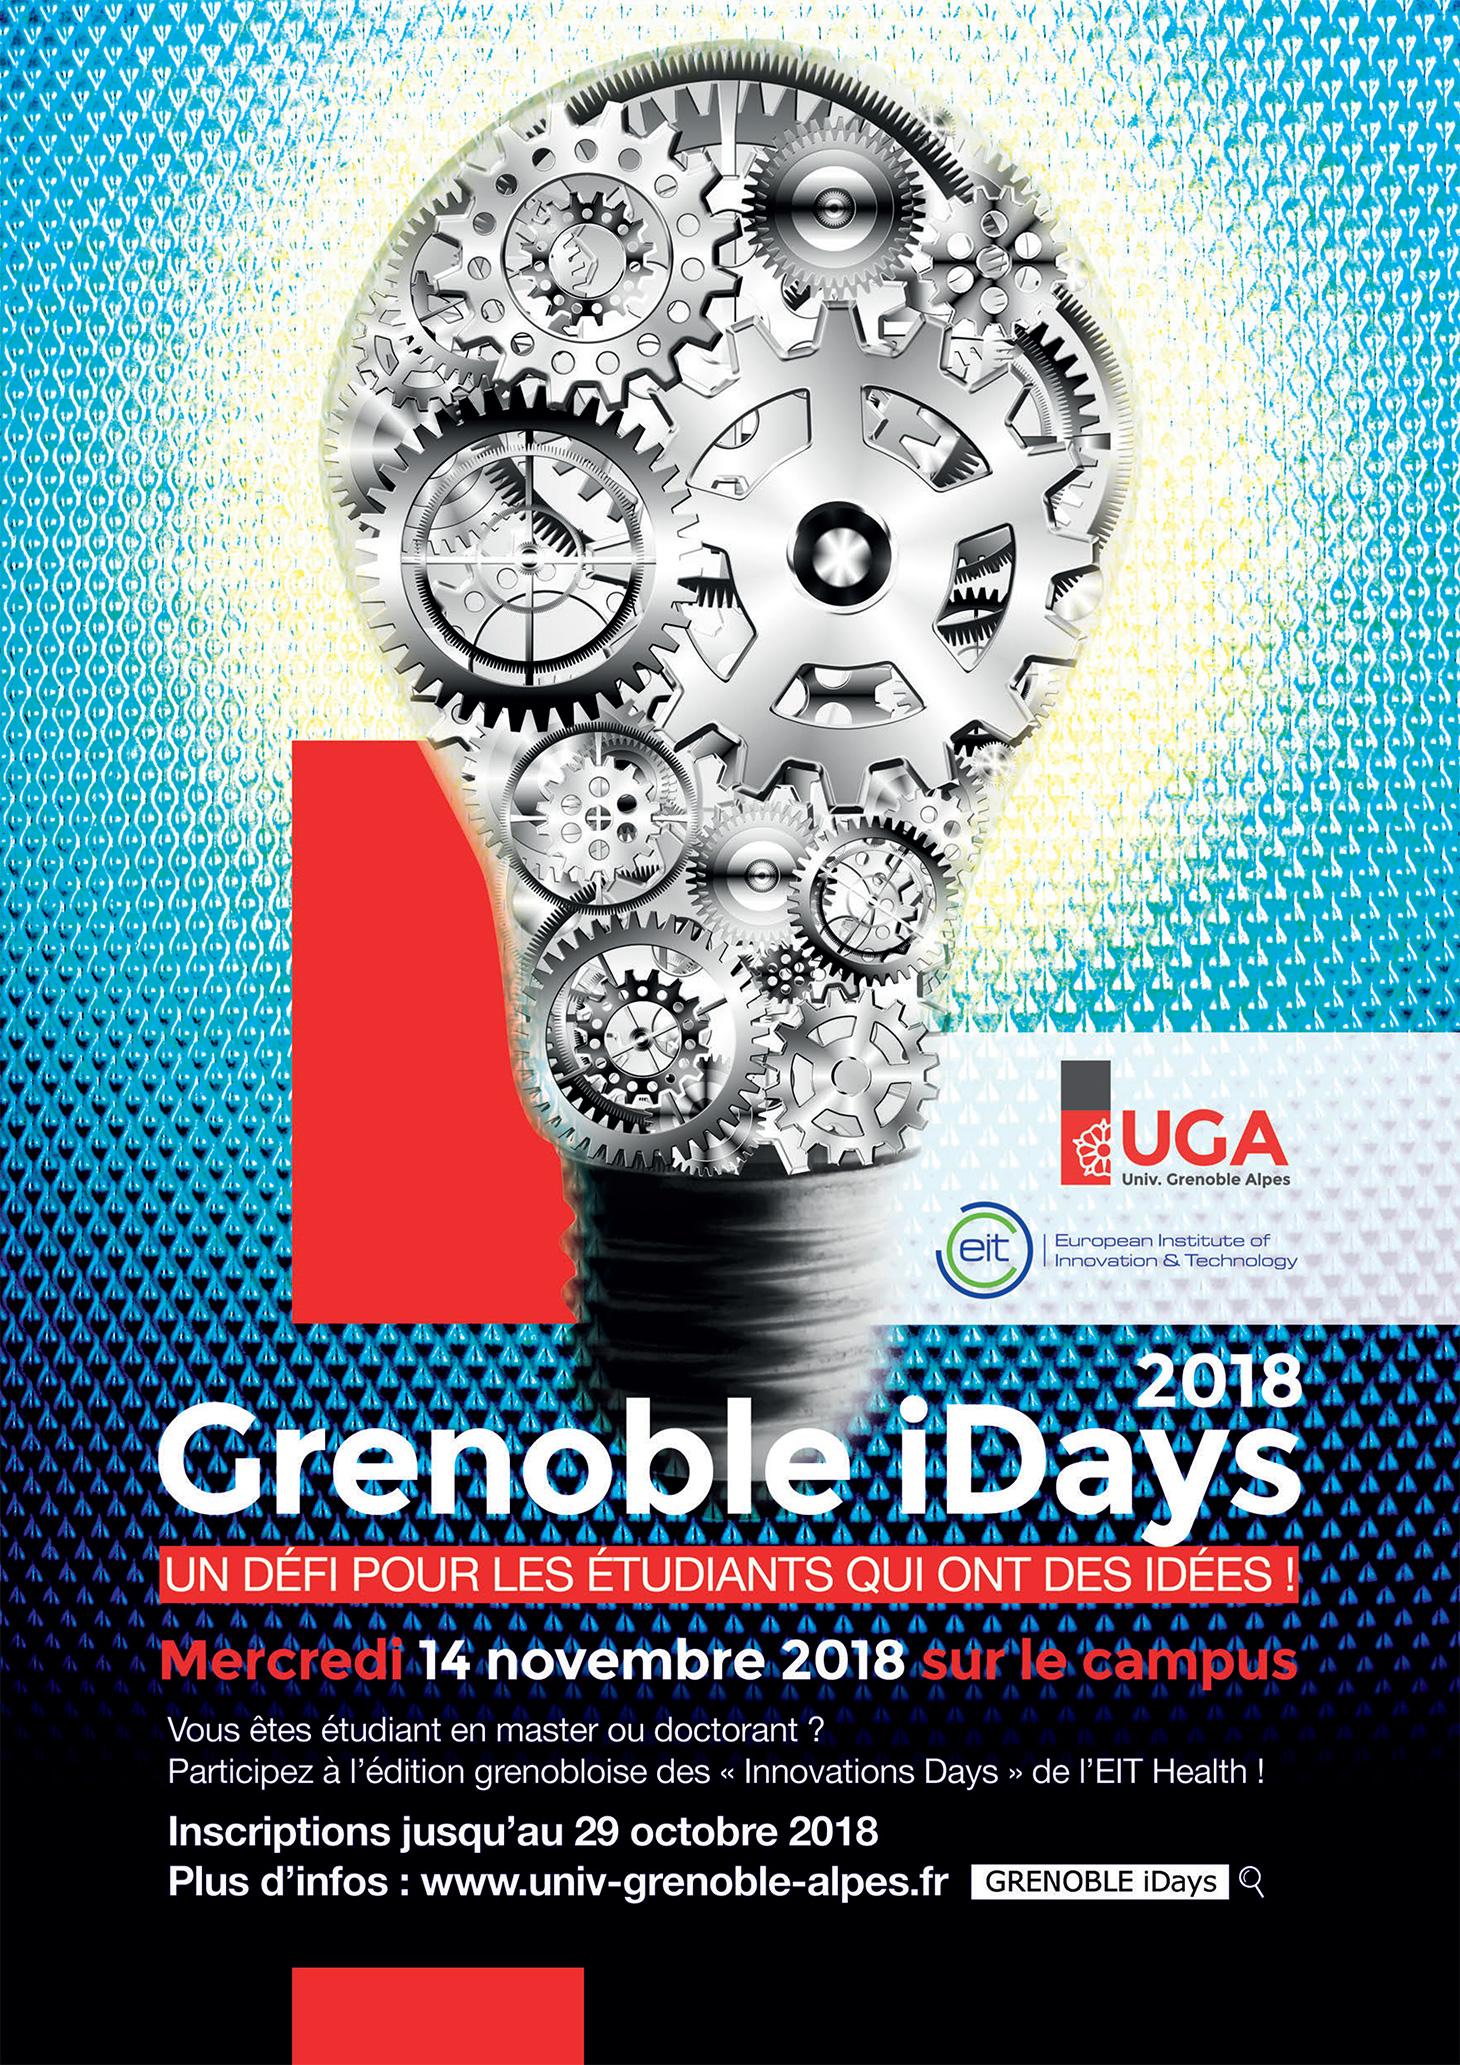 Grenoble iDays - Affiche 2018